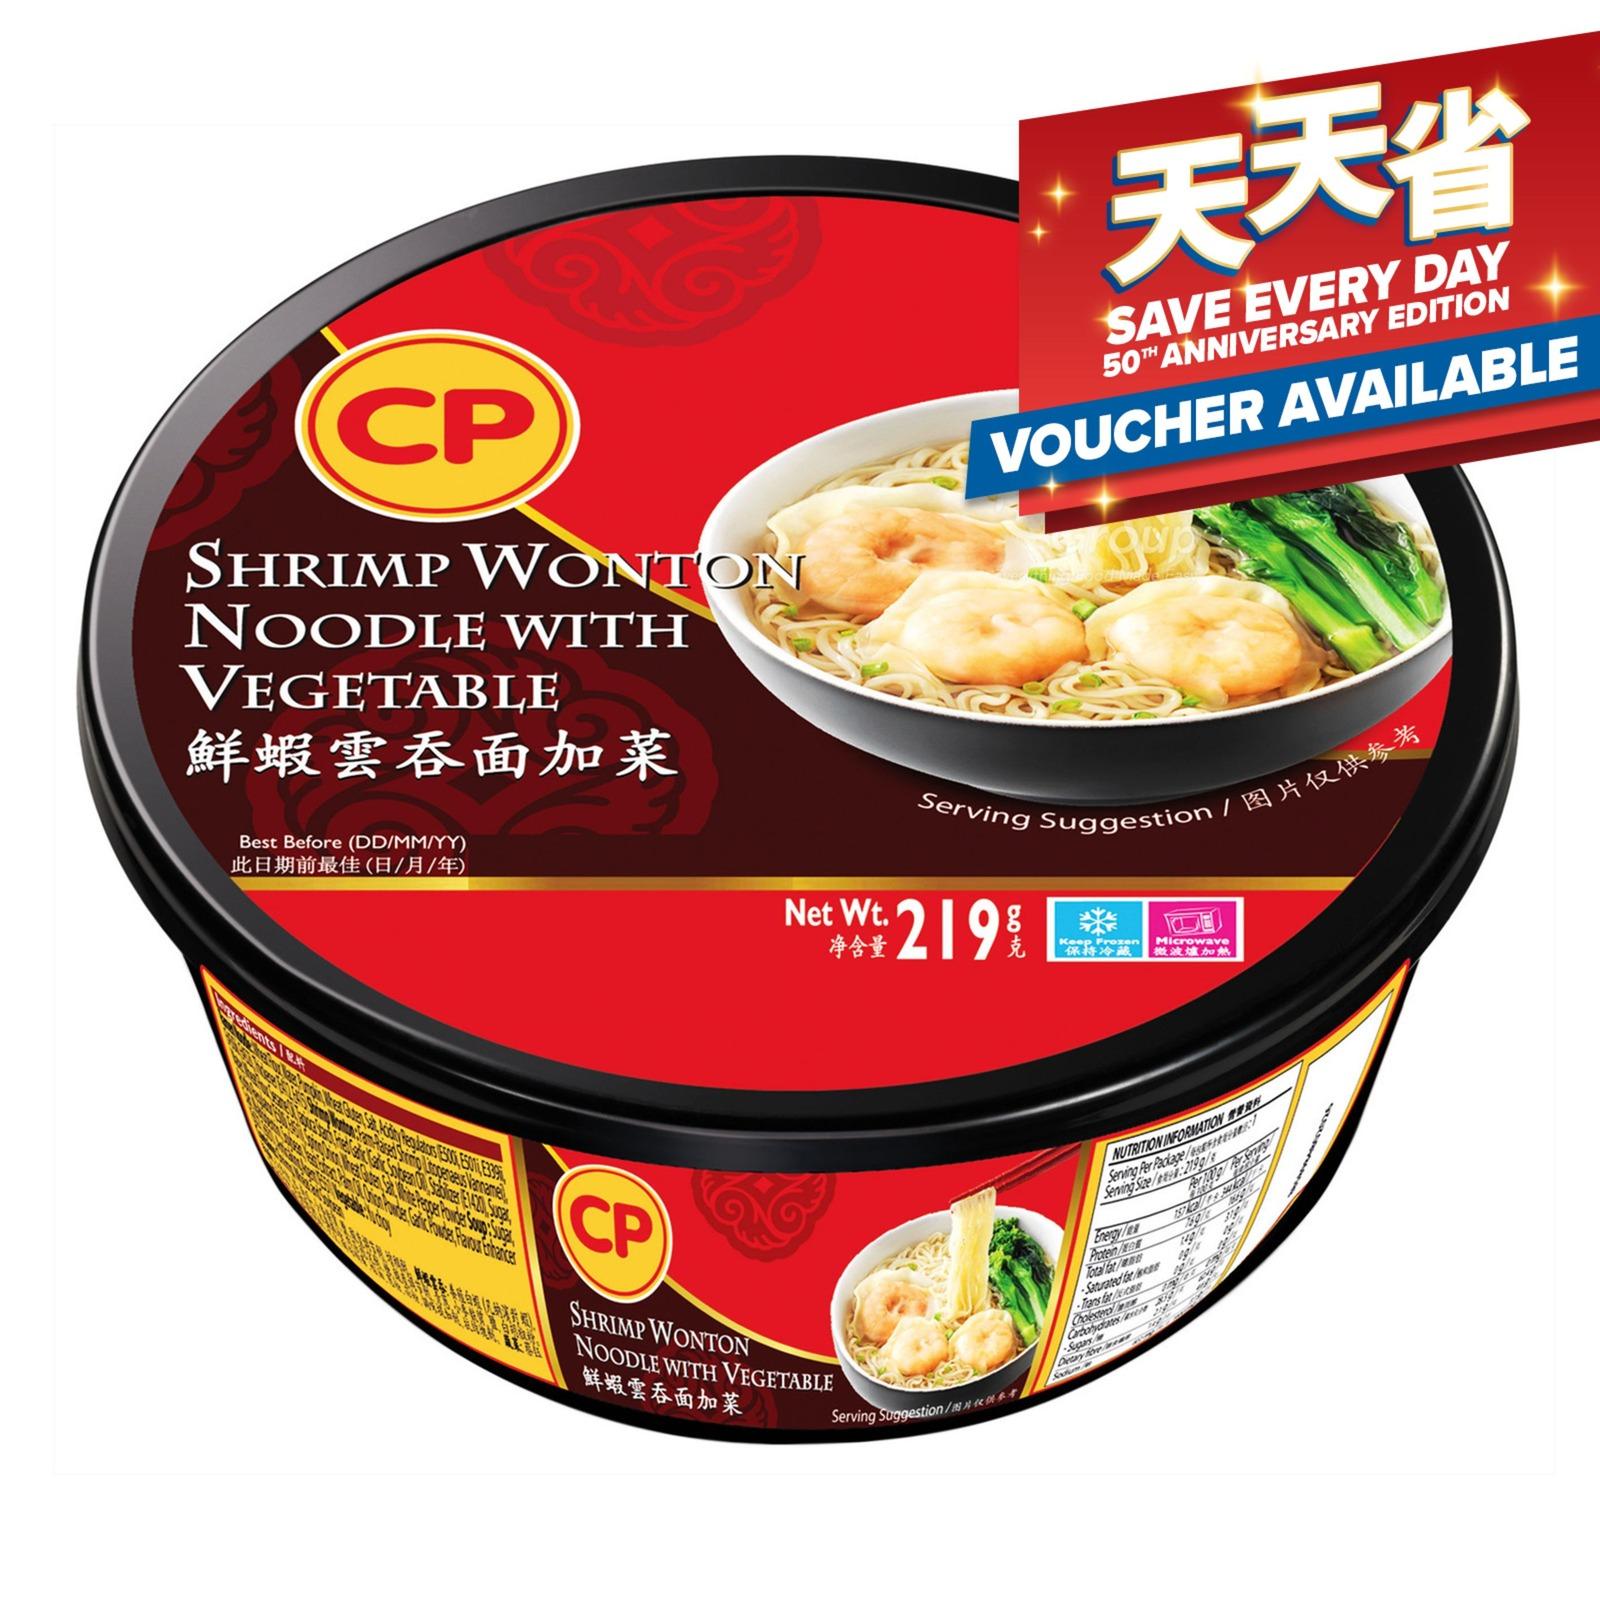 CP Shrimp Wonton Noodle with Vegetable (Bowl)